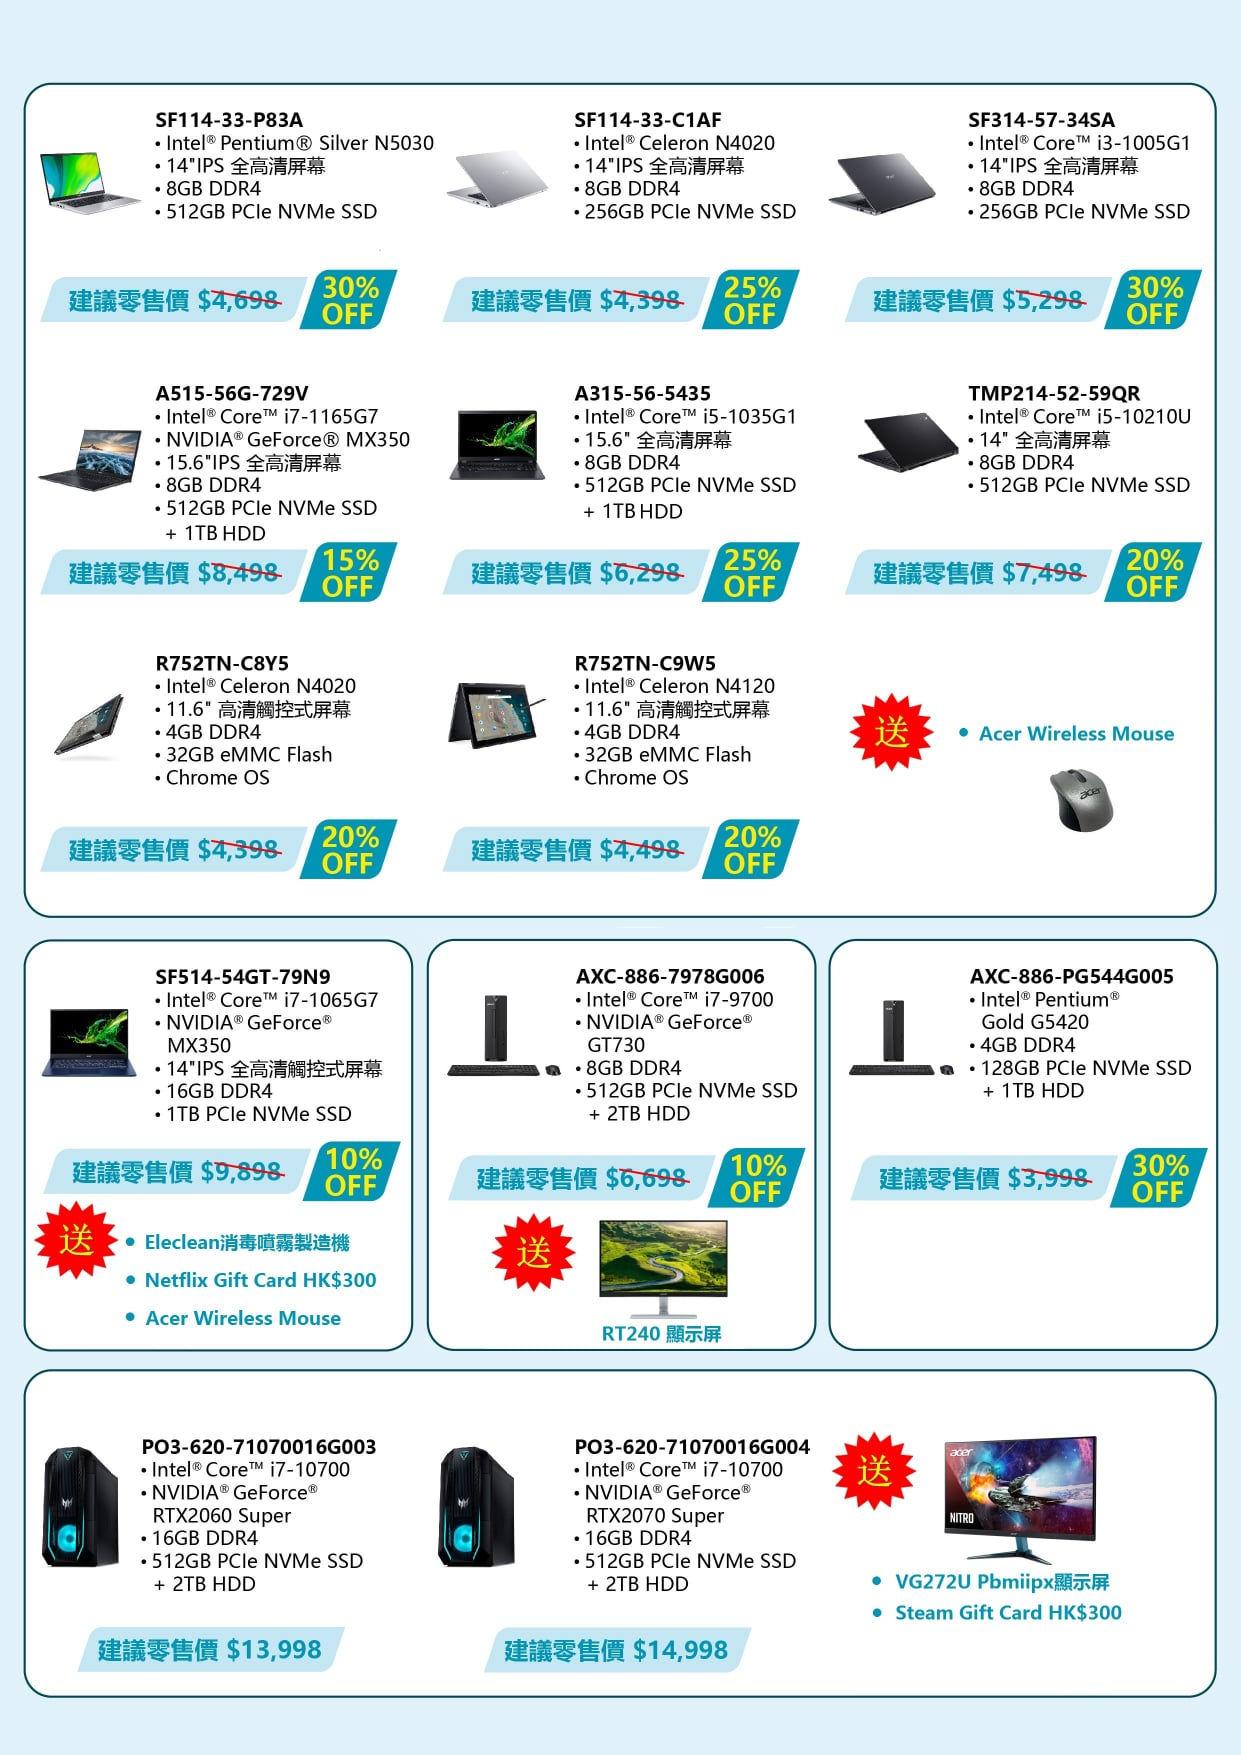 Acer Jan21 Promo 2nd